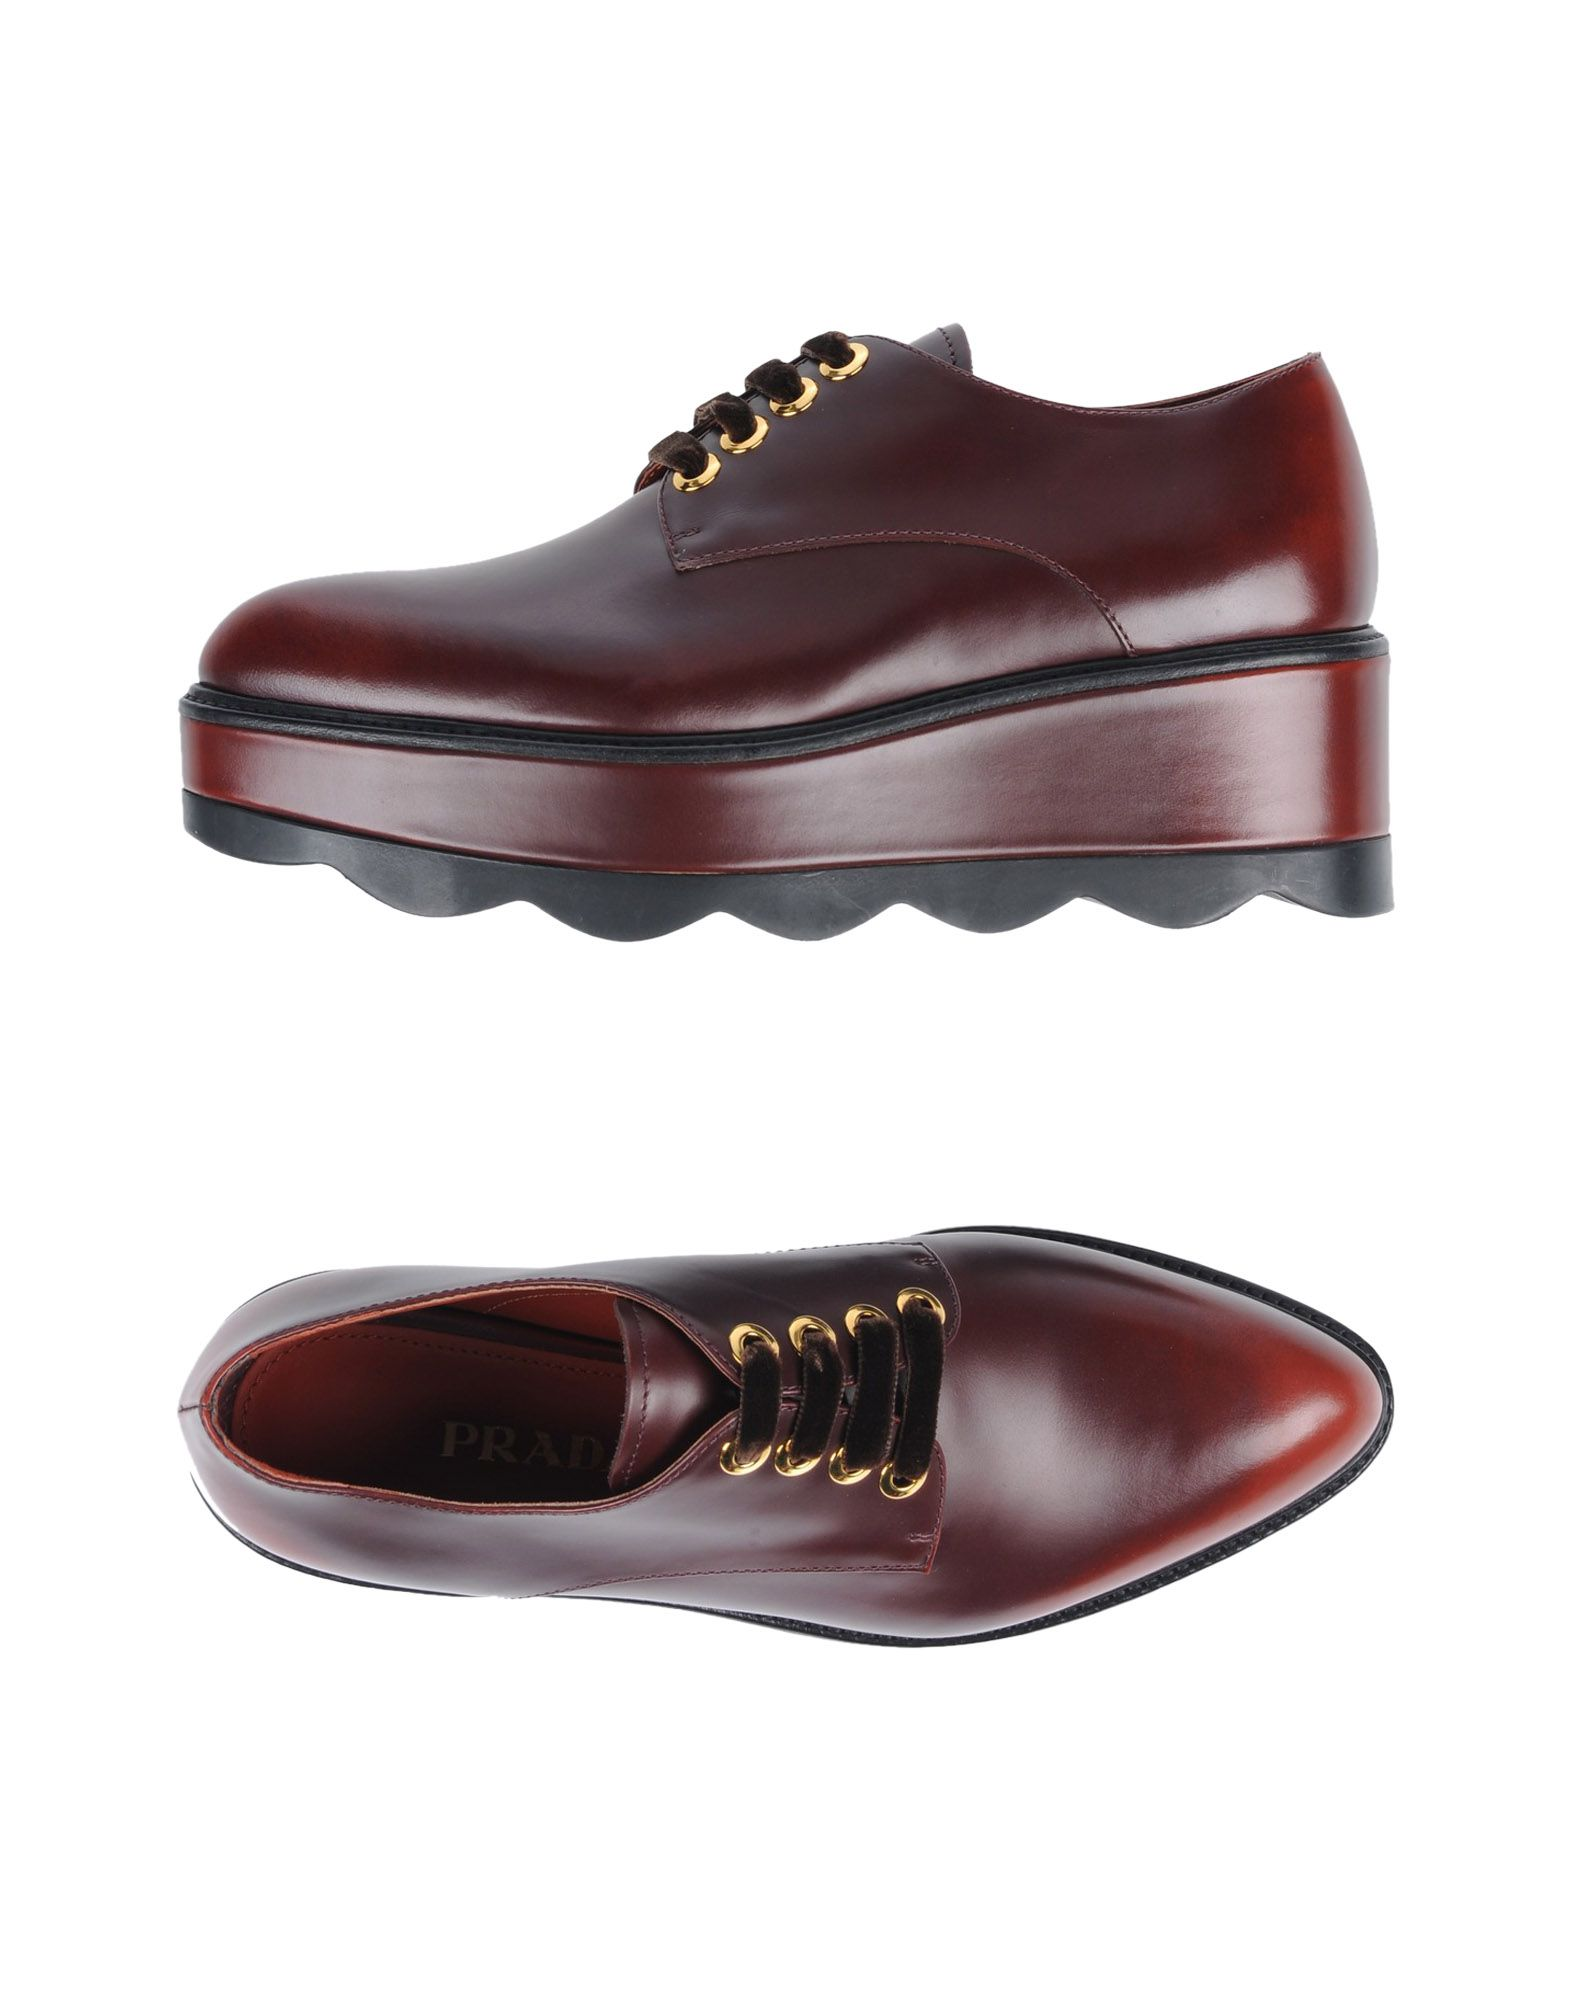 d2b2c317c8902 Prada Schnürschuhe Damen 11464652JIGünstige 11464652JIGünstige Damen gut  aussehende Schuhe 1c27e4